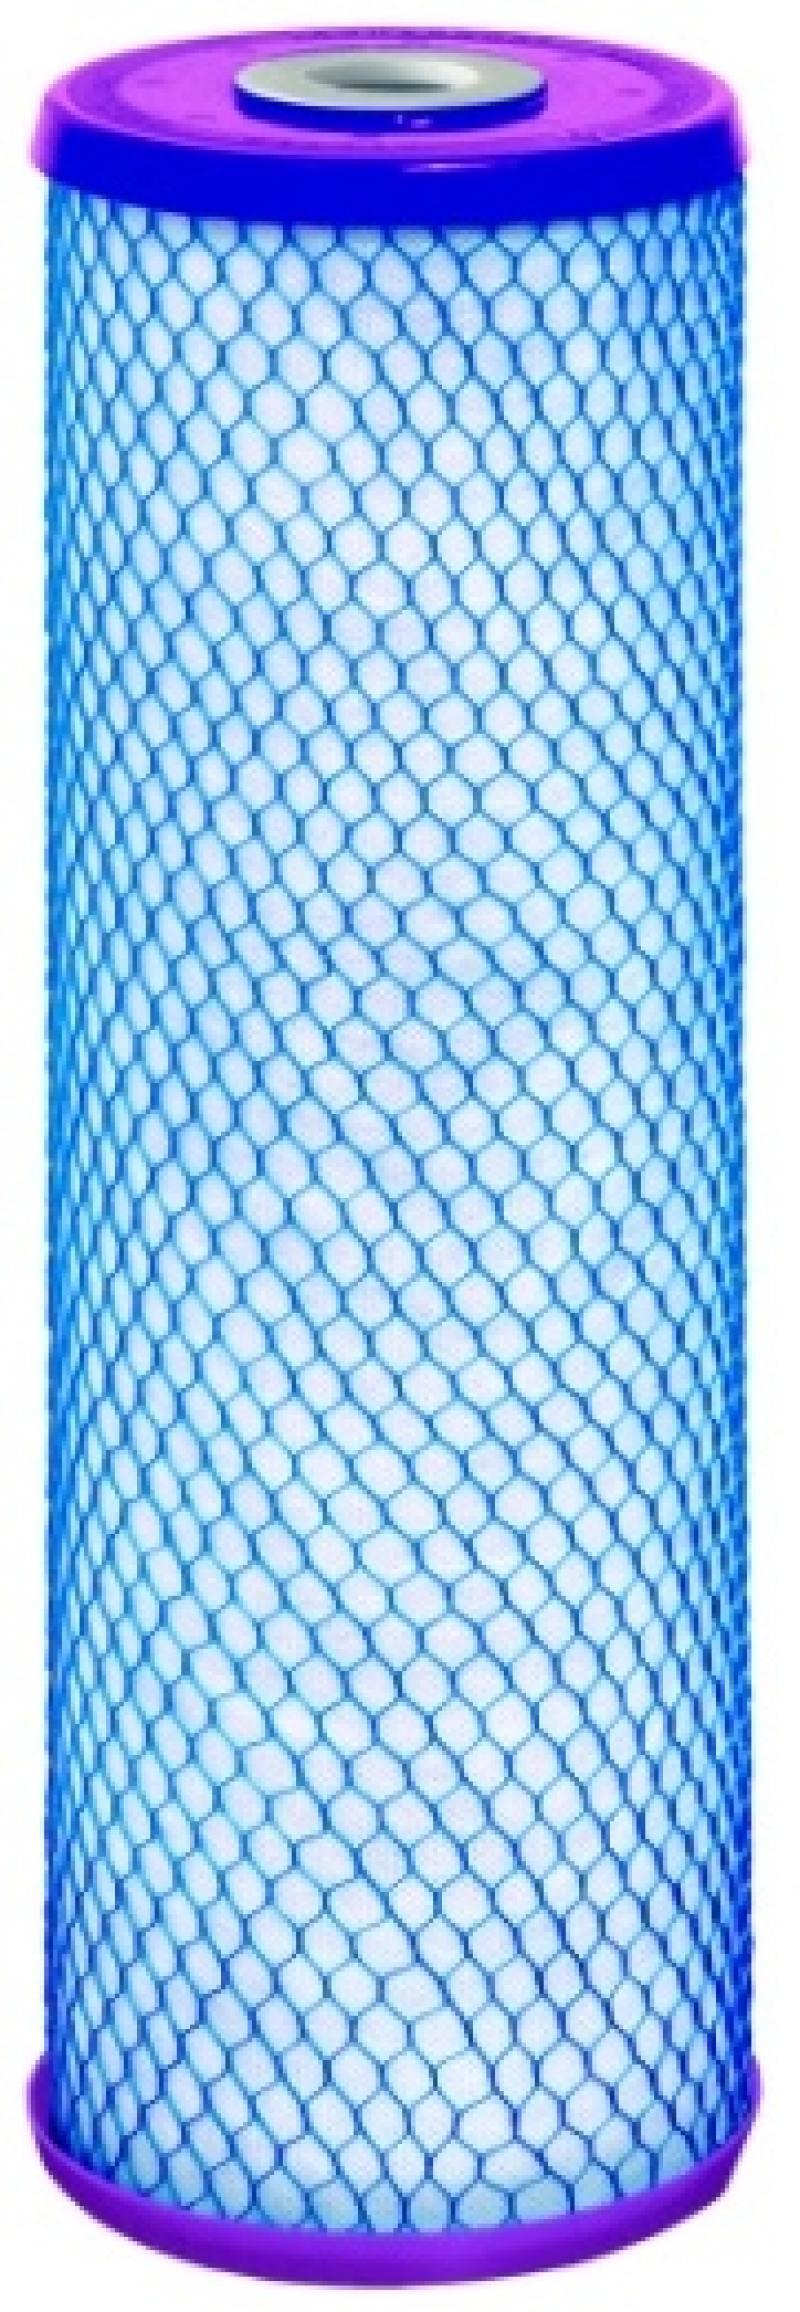 Картридж Аквафор B520-18 для проточных фильтров картридж аквафор b520 14 1шт